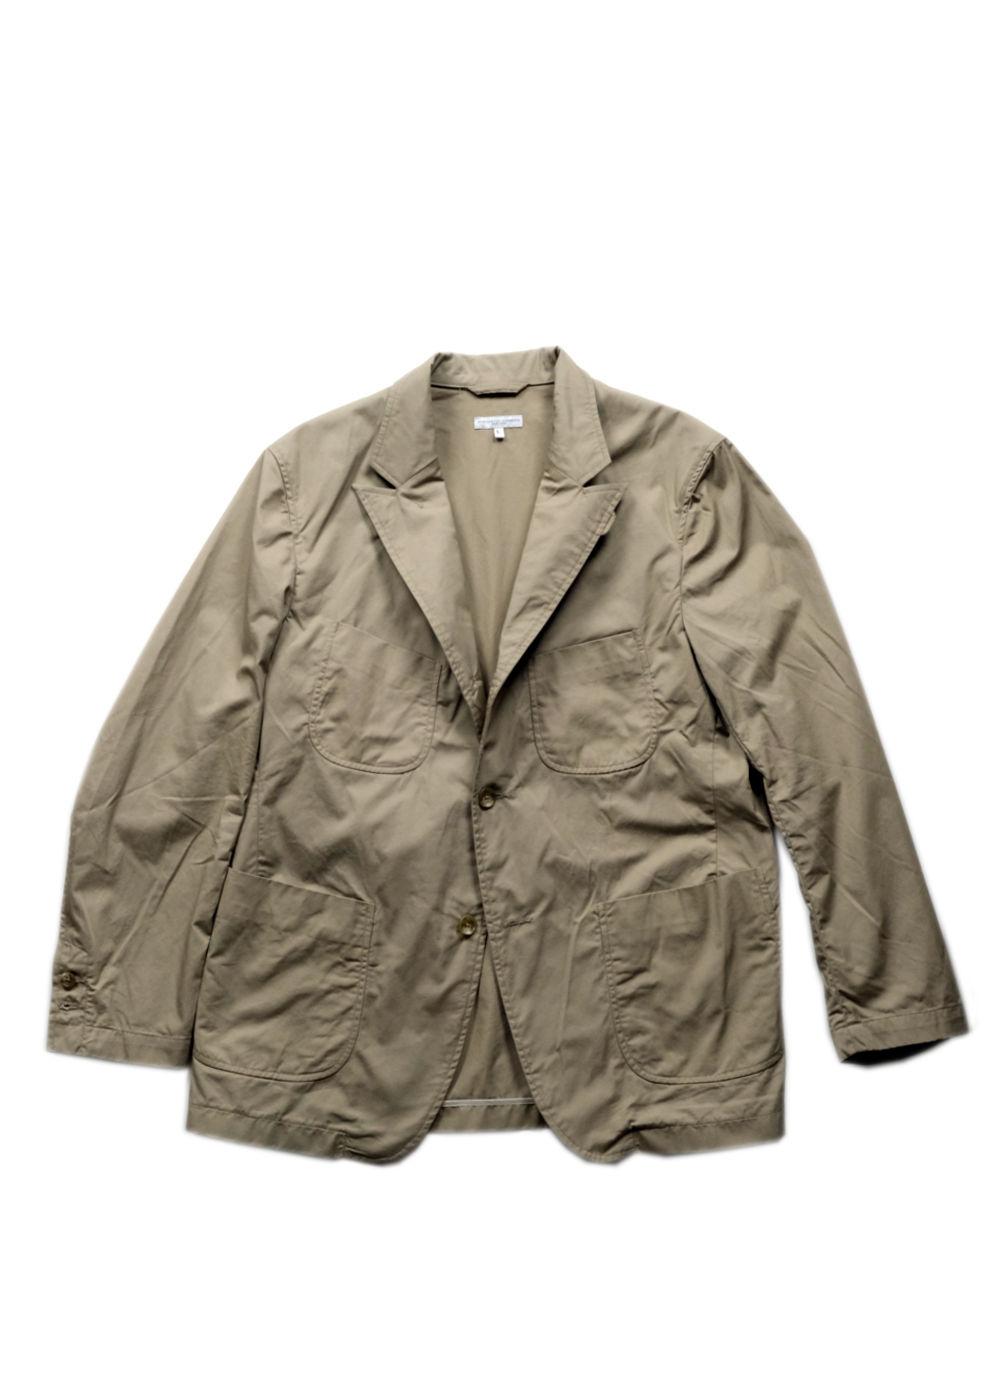 Engineered-Garments-NB-Jacket-Khaki-High-Count-Twill-01